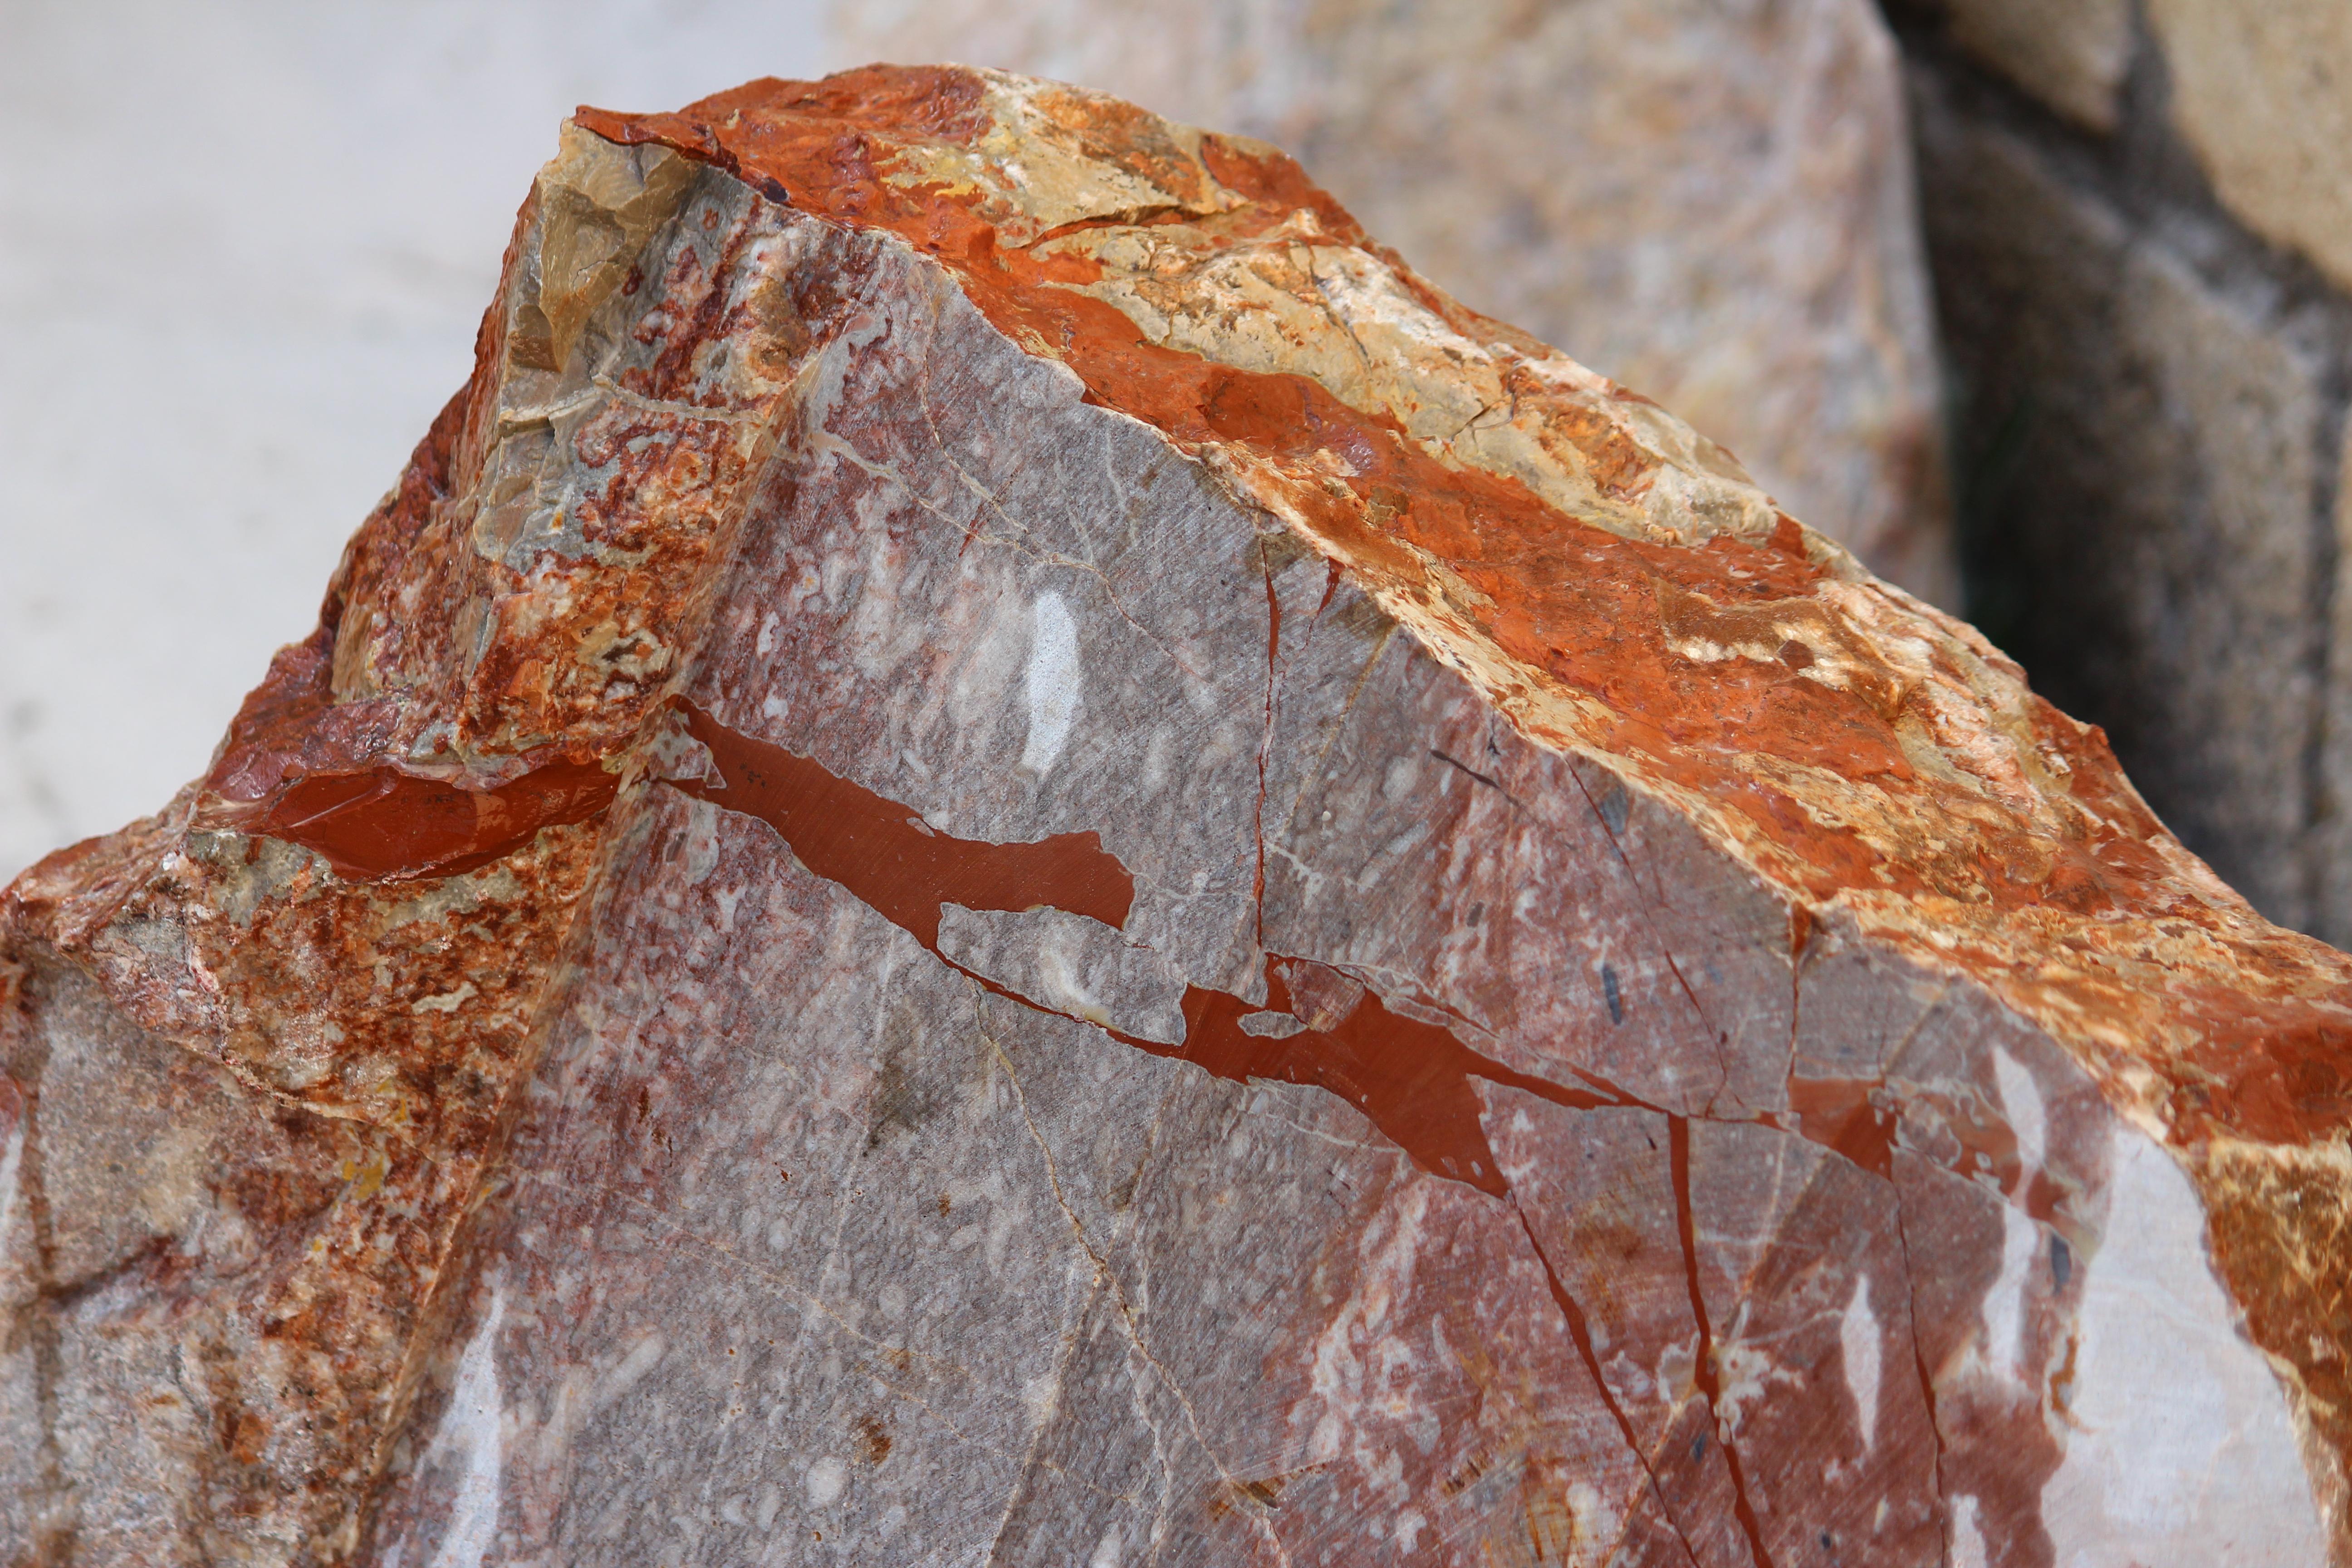 Domani la passeggiata alla scoperta delle cave di marmo di Cautano e Vitulano